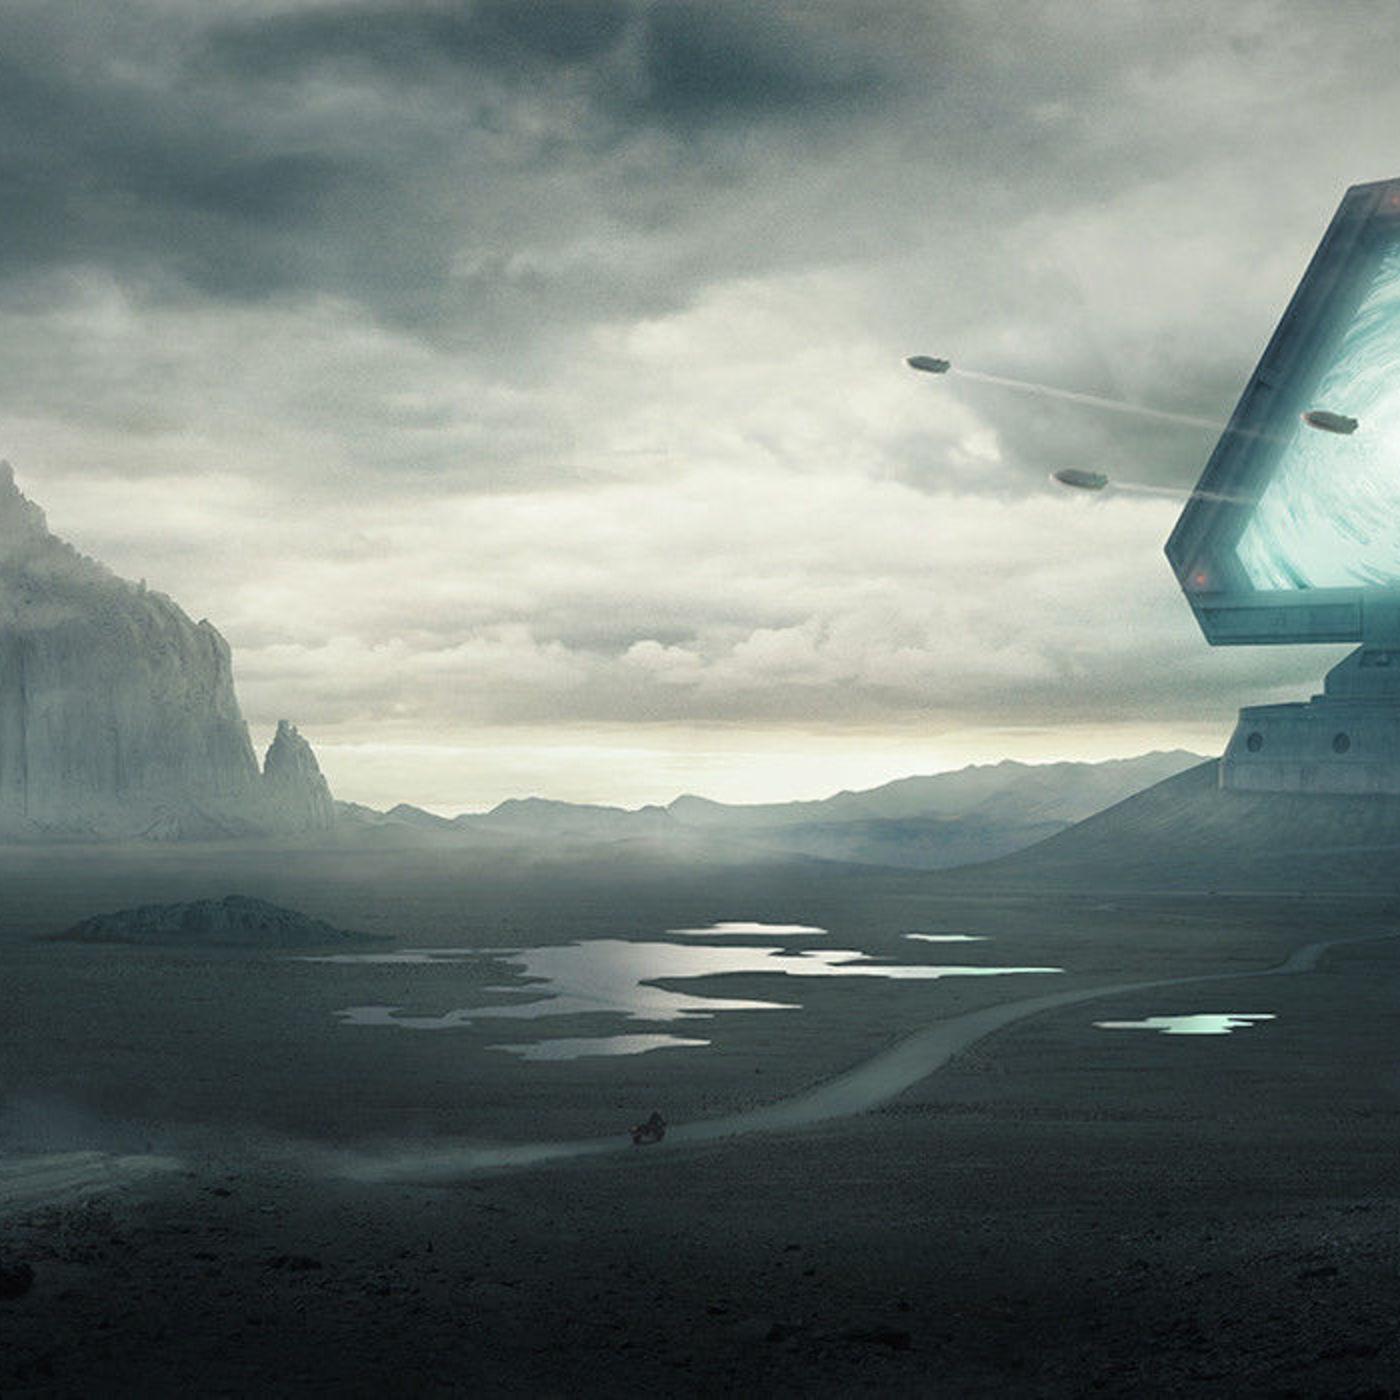 Portal Estelar by Jose Miguel Gordaliza